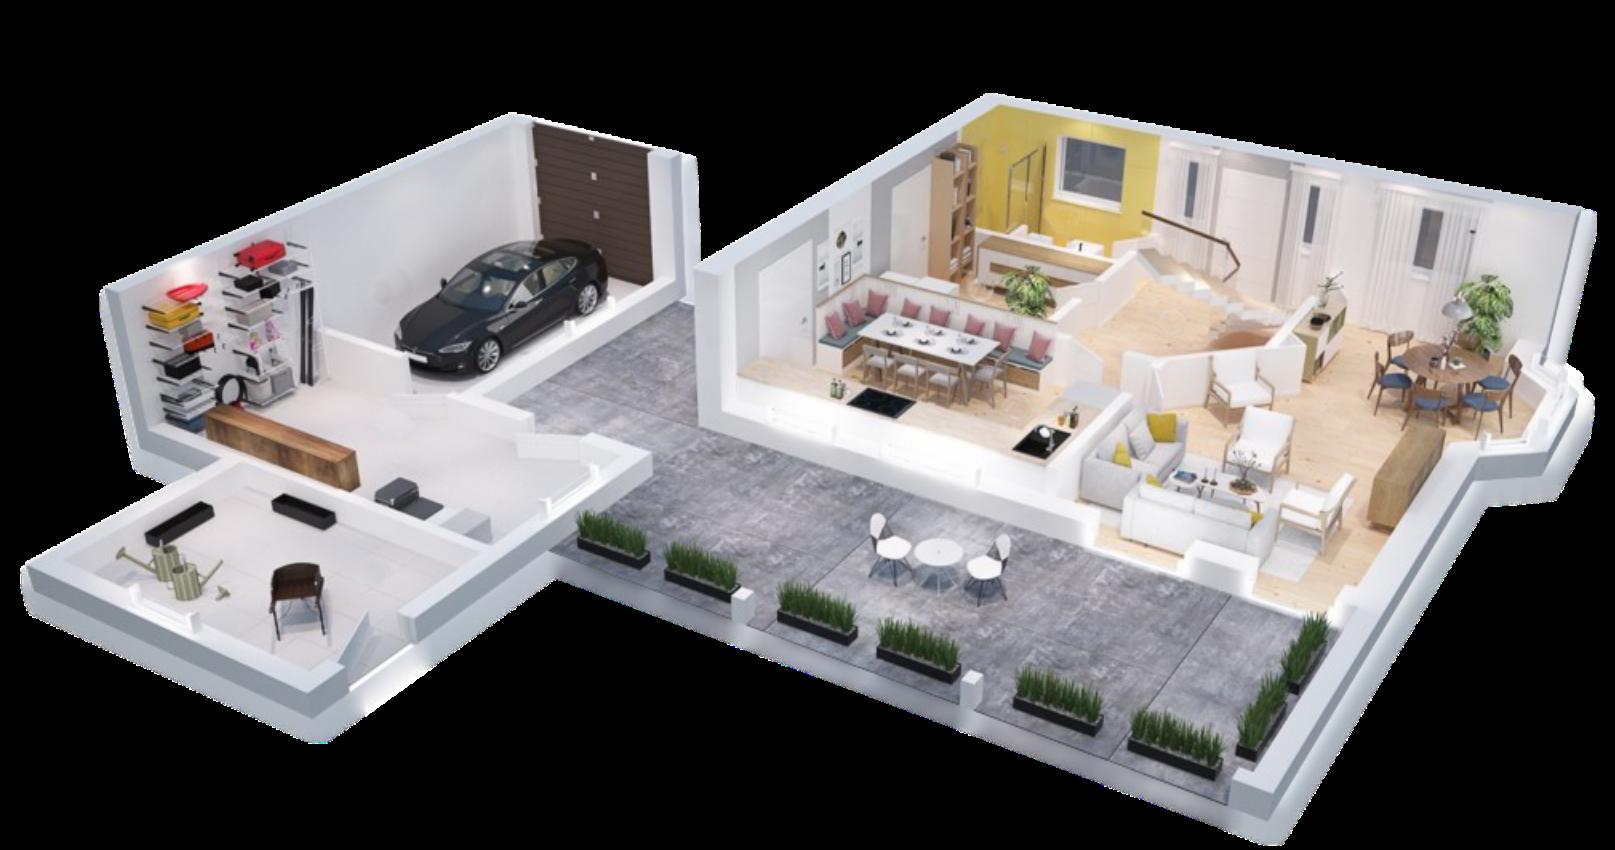 Immobilienmakler modern